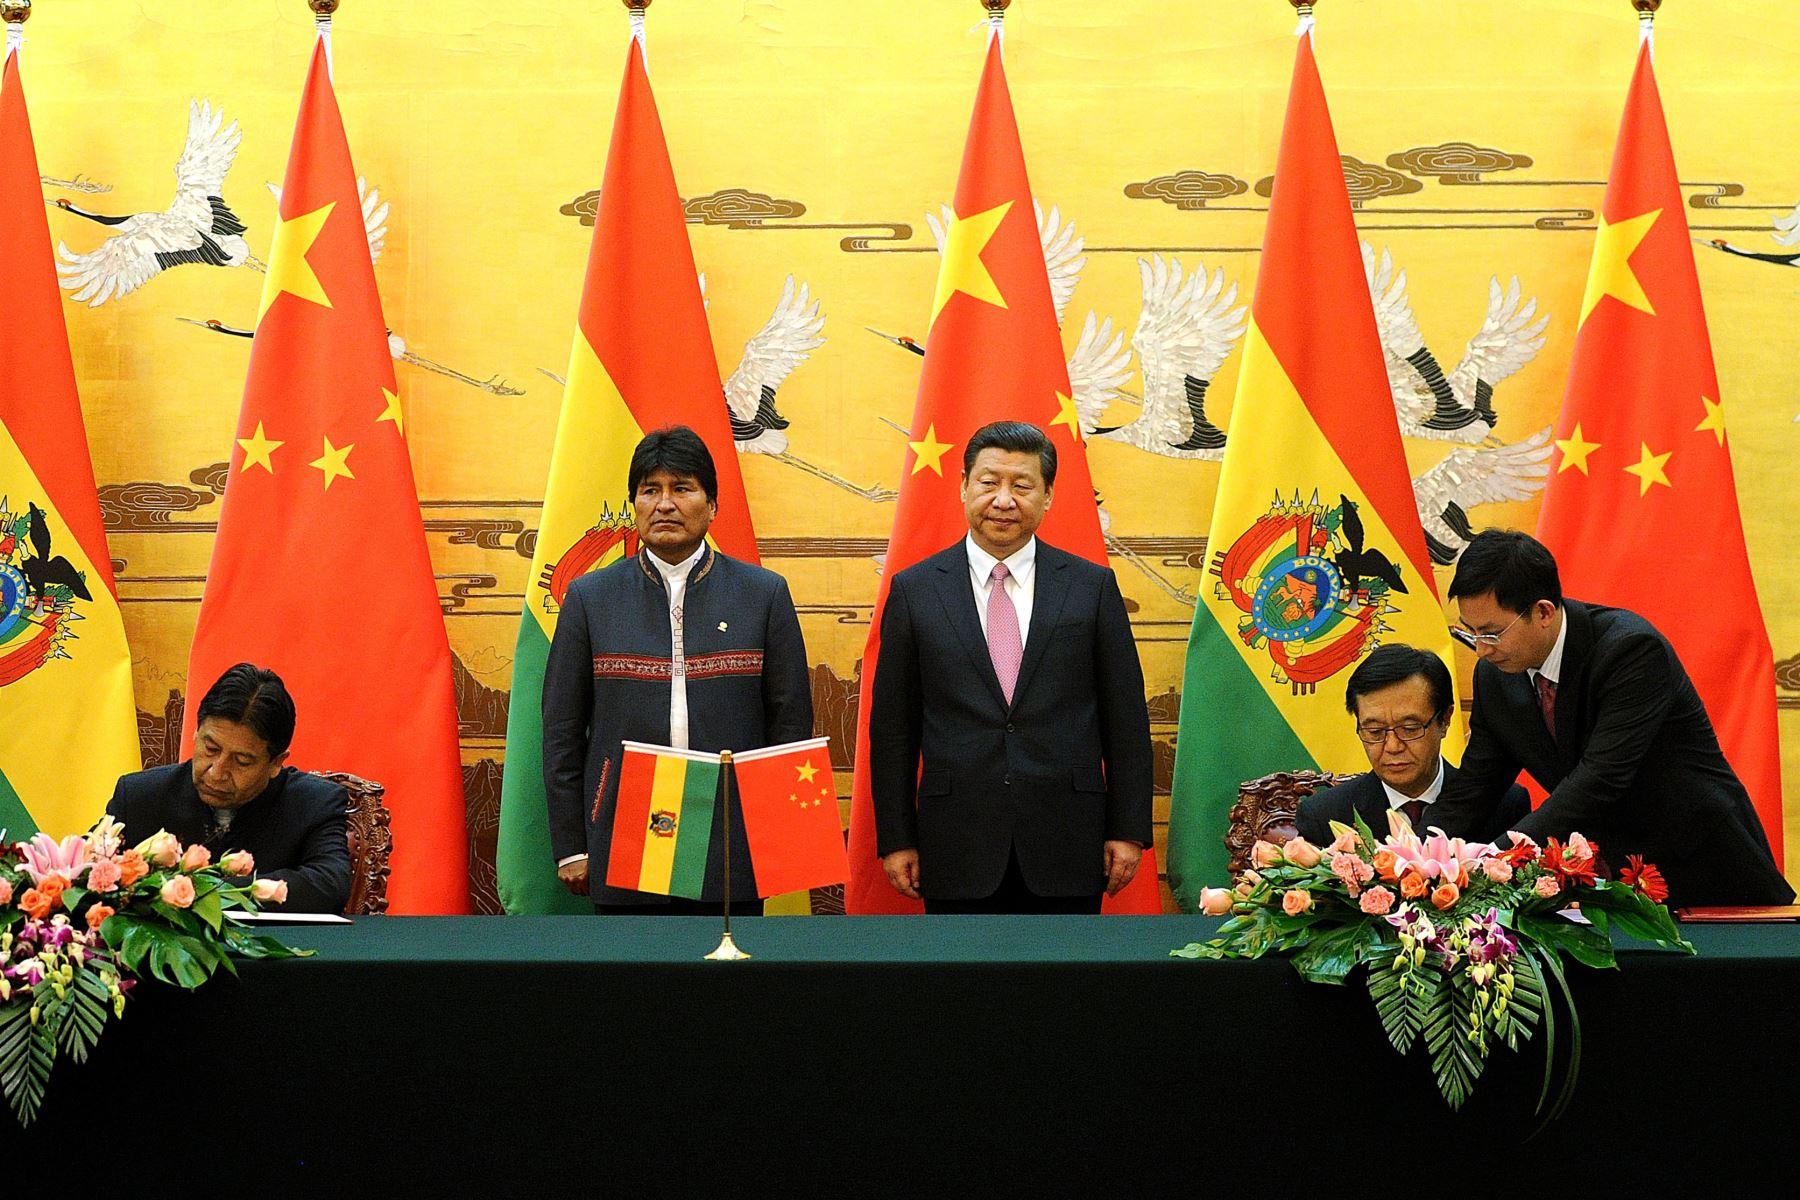 El presidente boliviano Evo Morales (centro L) y el presidente chino Xi Jinping (centro R) asisten a una ceremonia de firma en el Gran Salón del Pueblo en Beijing el 19 de diciembre de 2013.  Foto: AFP